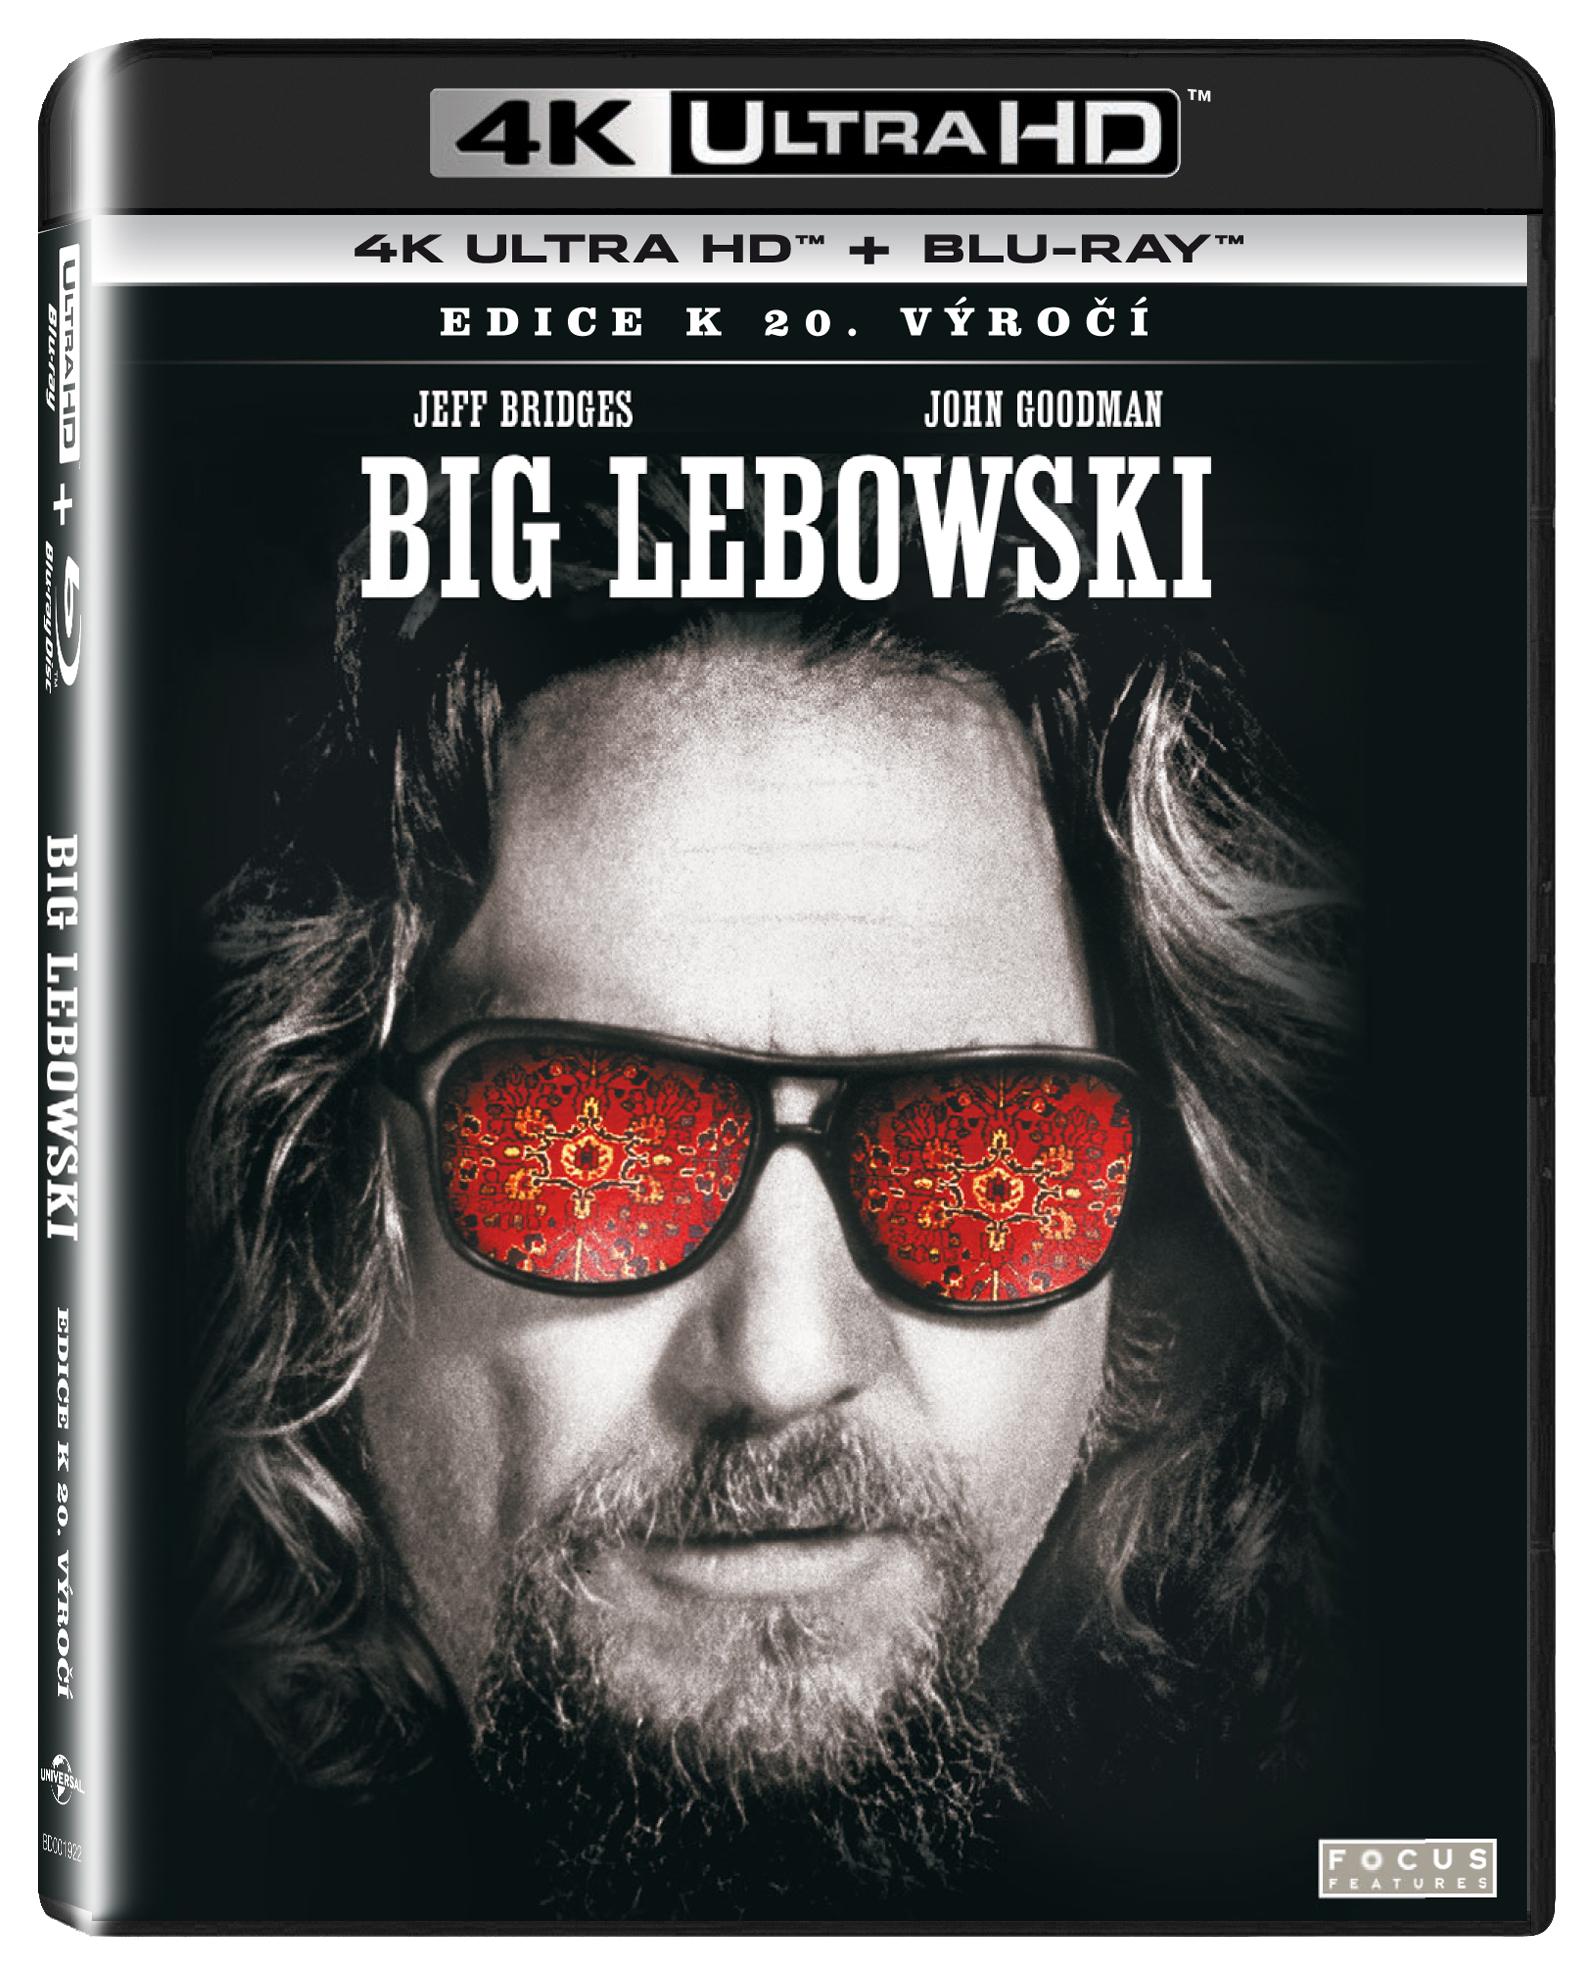 Big Lebowski (edice k 20. výročí) UHD/Blu-Ray